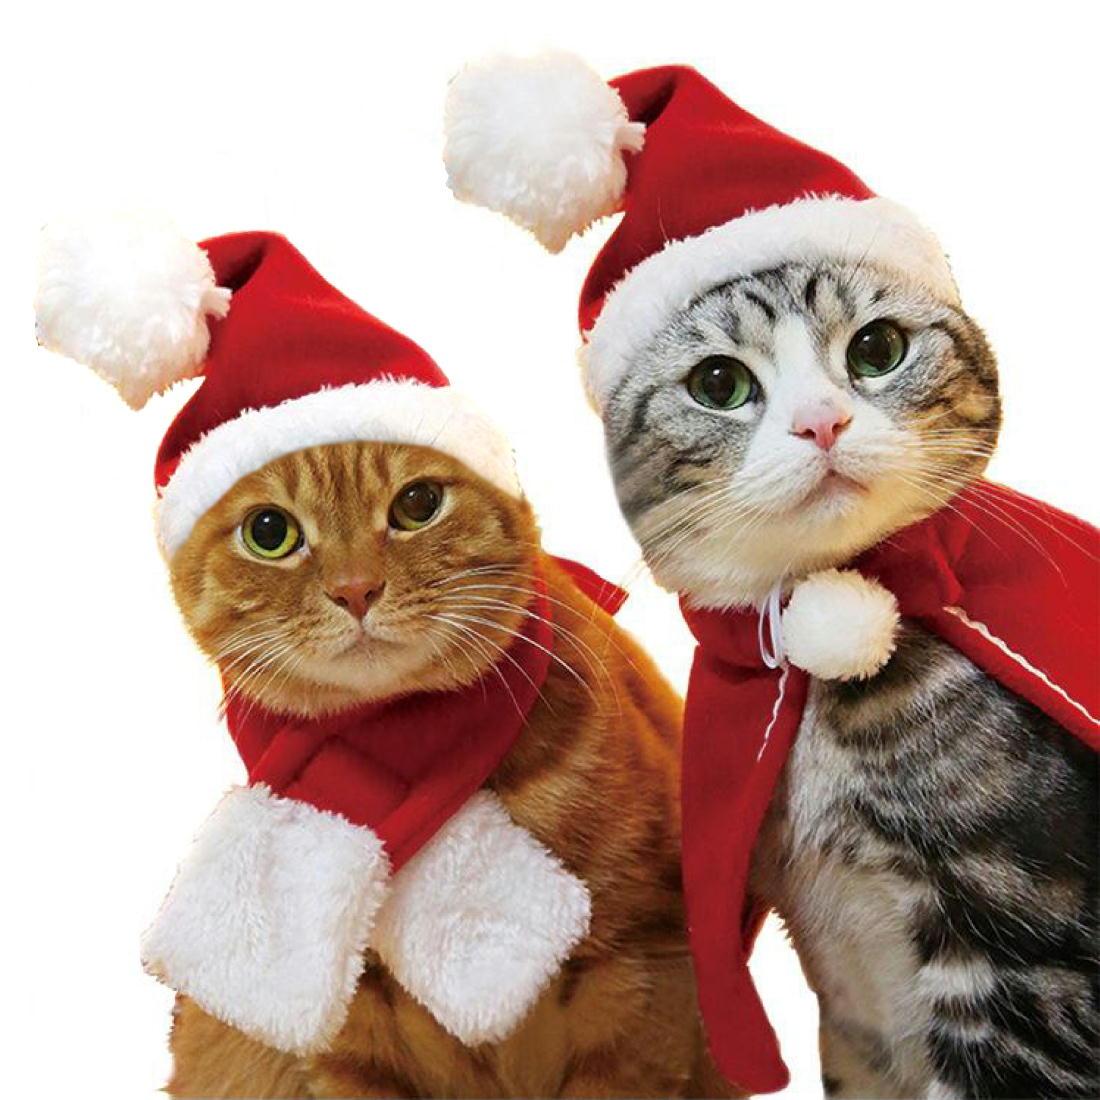 かわいい ねこサンタ 犬サンタ ペットコスチューム ペットスカーフ ねこサンタ帽子 ねこドレス 犬ドレス ペットクリスマス ねこケープ ねこちゃん衣装 わんちゃん衣装 小型犬衣装 ペット衣装 ペットコスプレ ねこサンタ衣装 いぬサンタ衣装